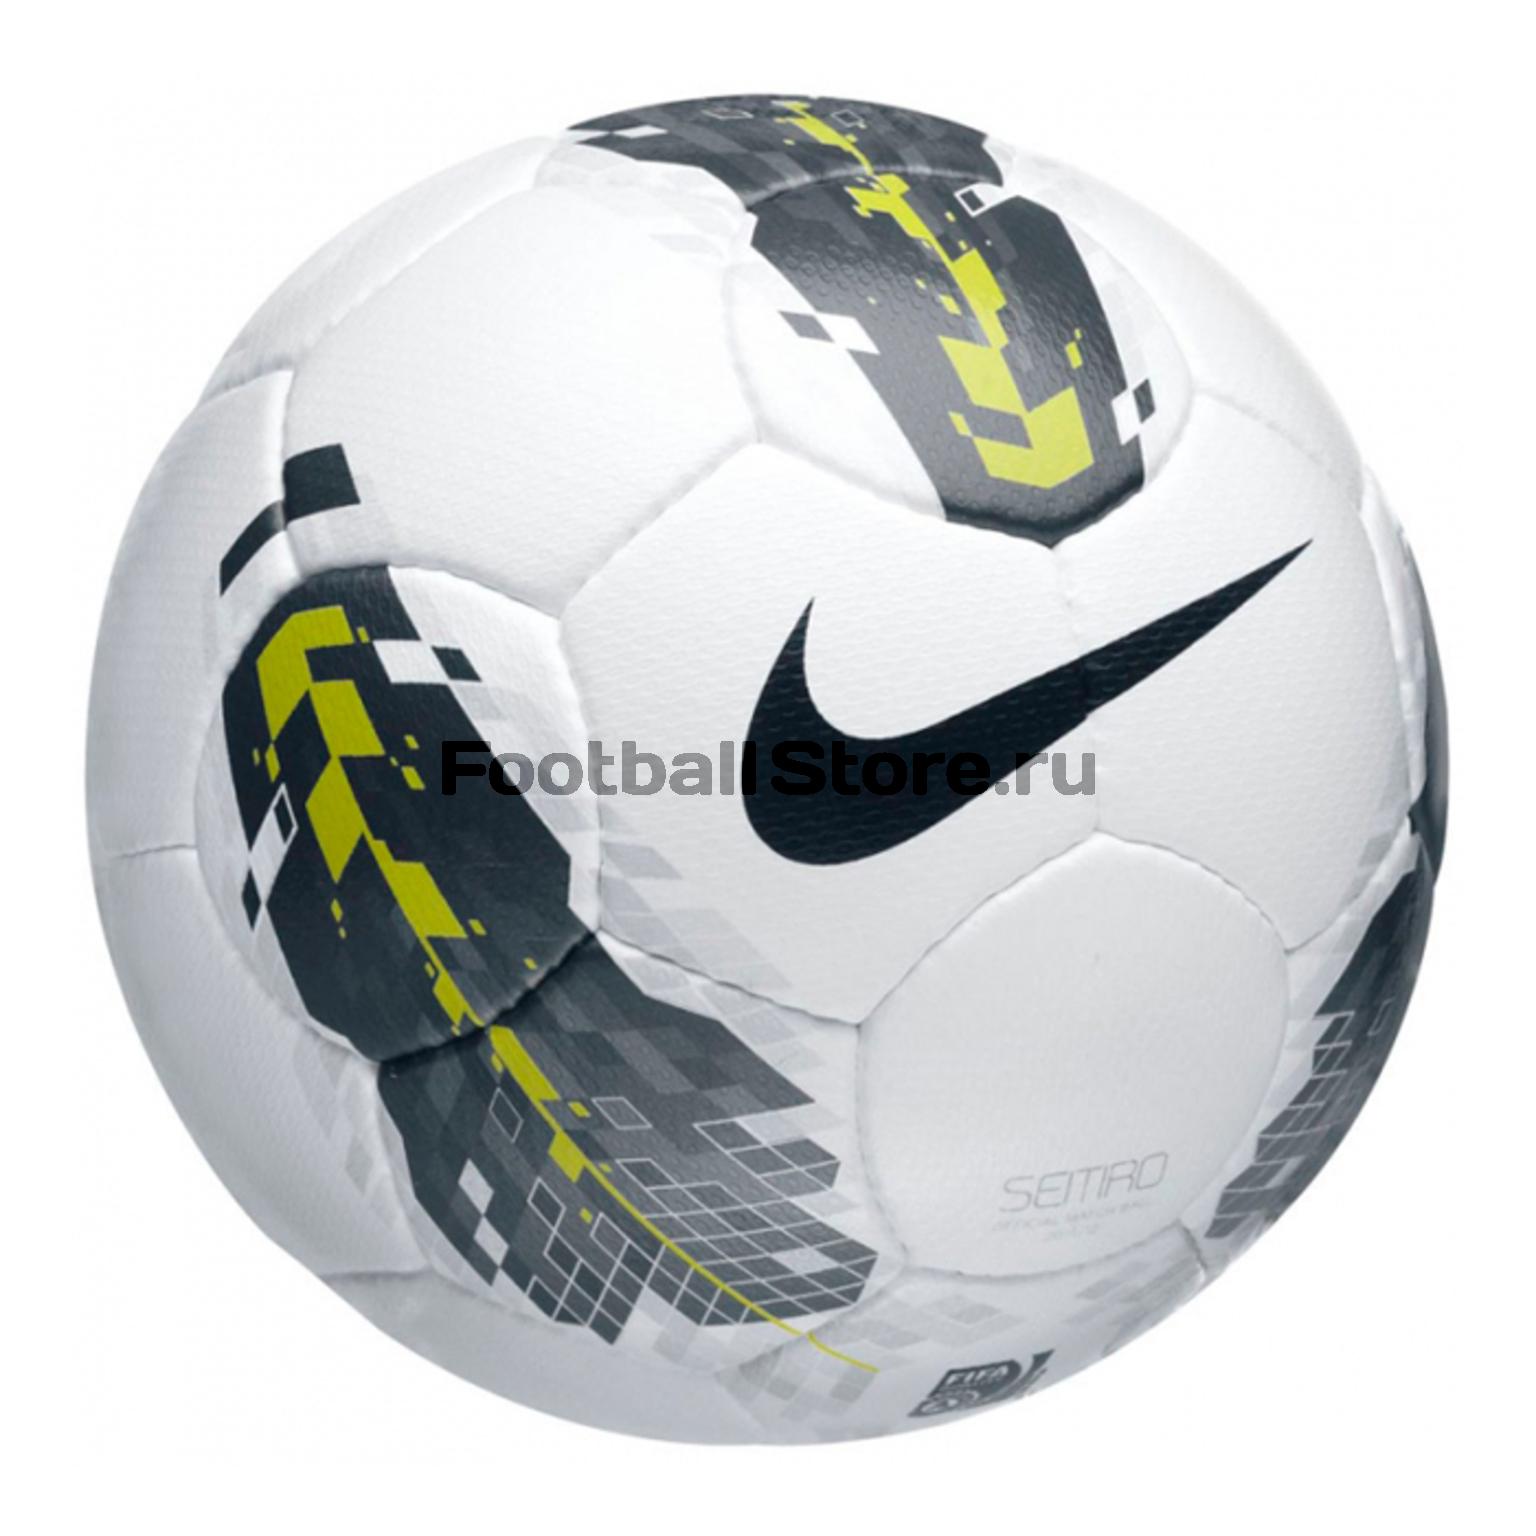 Классические Nike Мяч футбольный Nike Seitiro SC1954-170